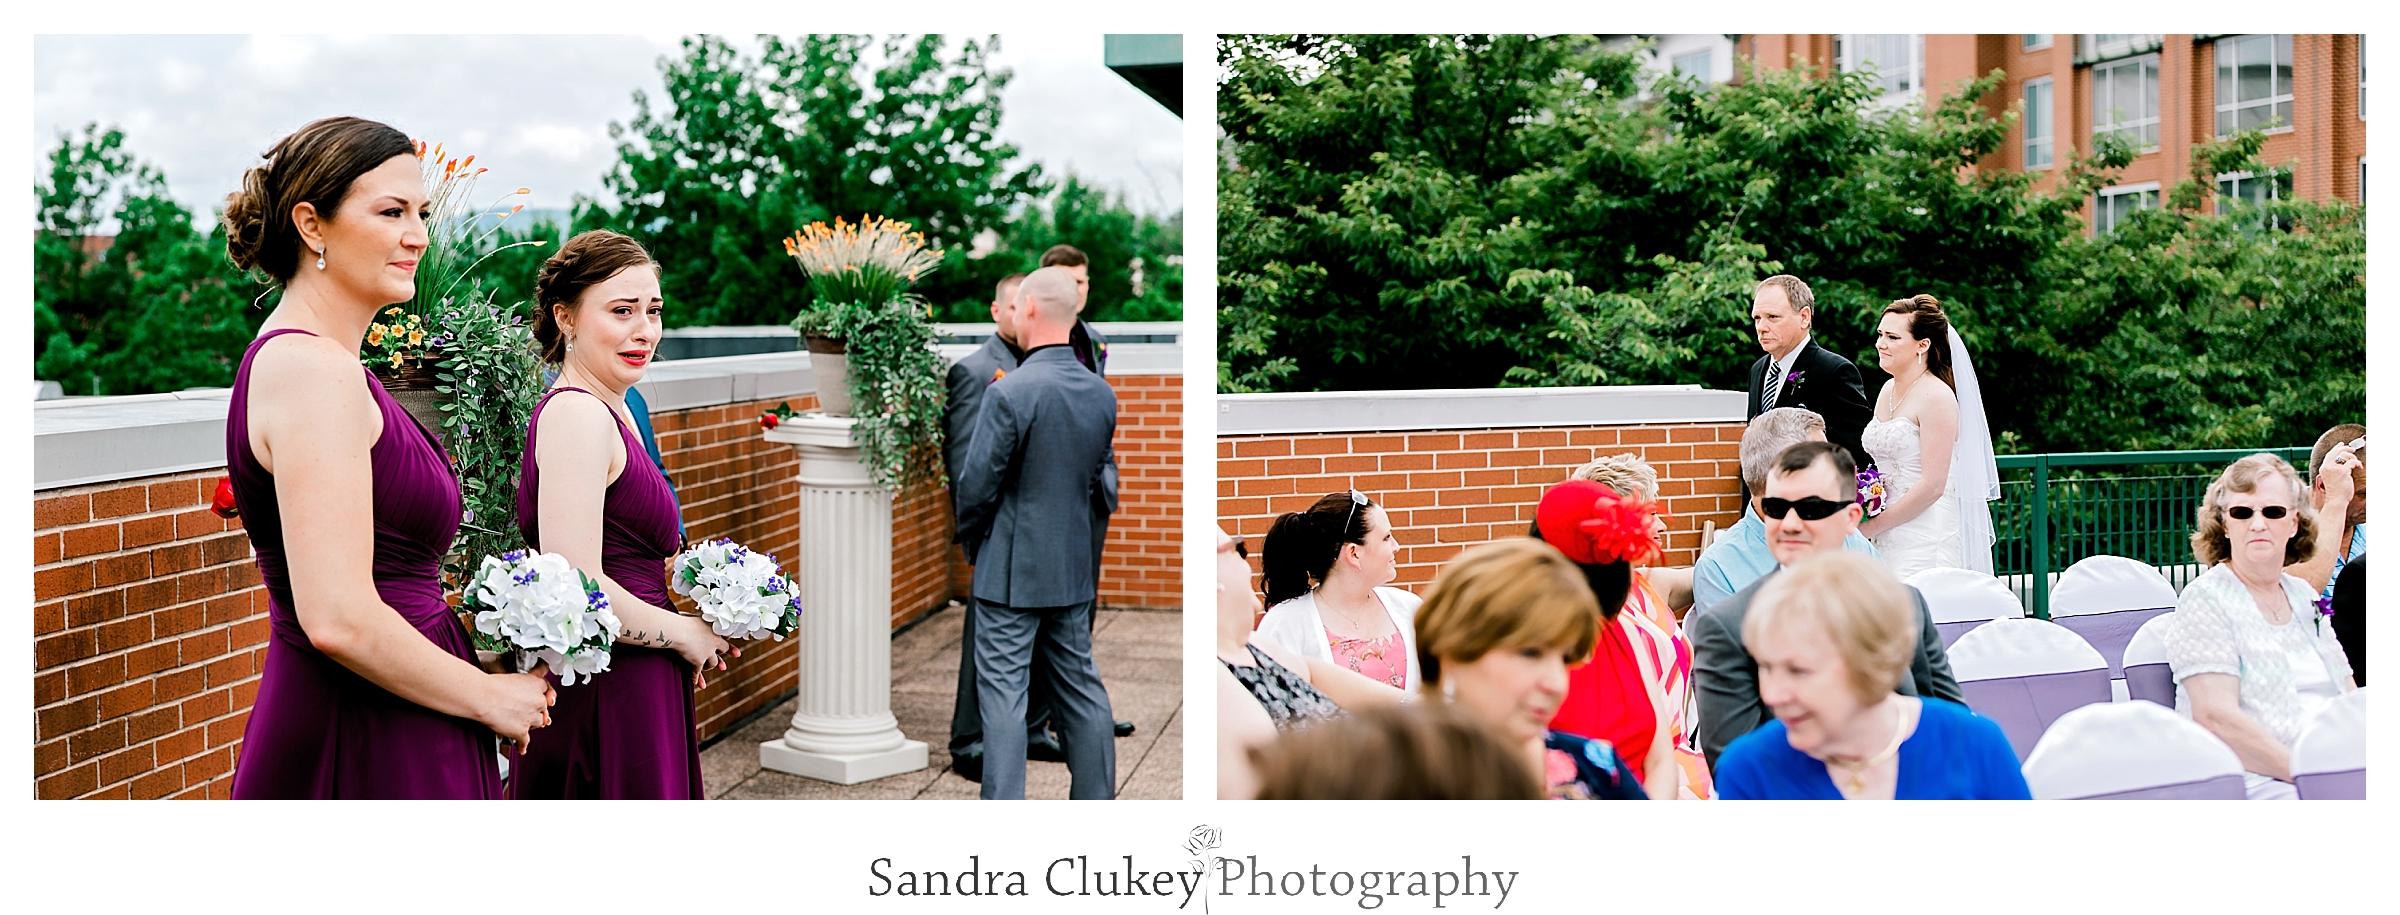 Sandra Clukey Photography_1851.jpg